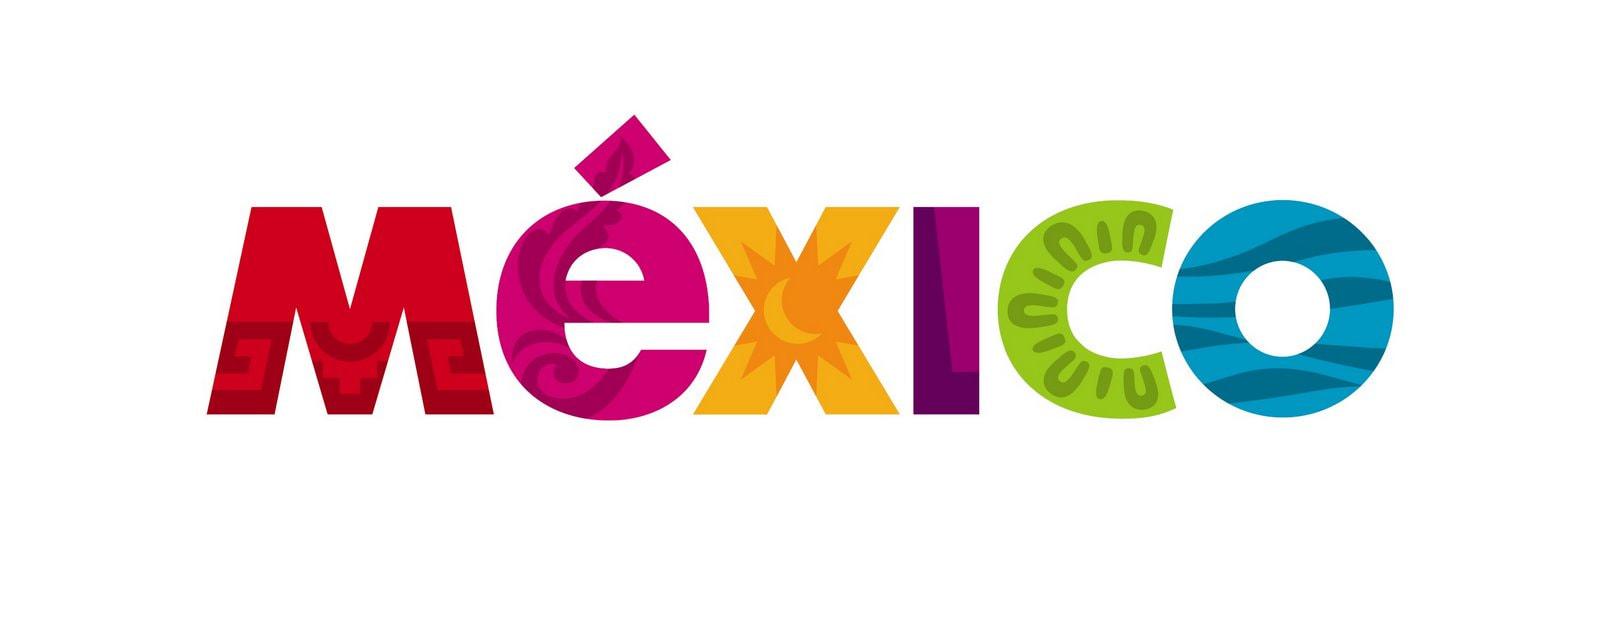 Significado del logo de Visit Mexico